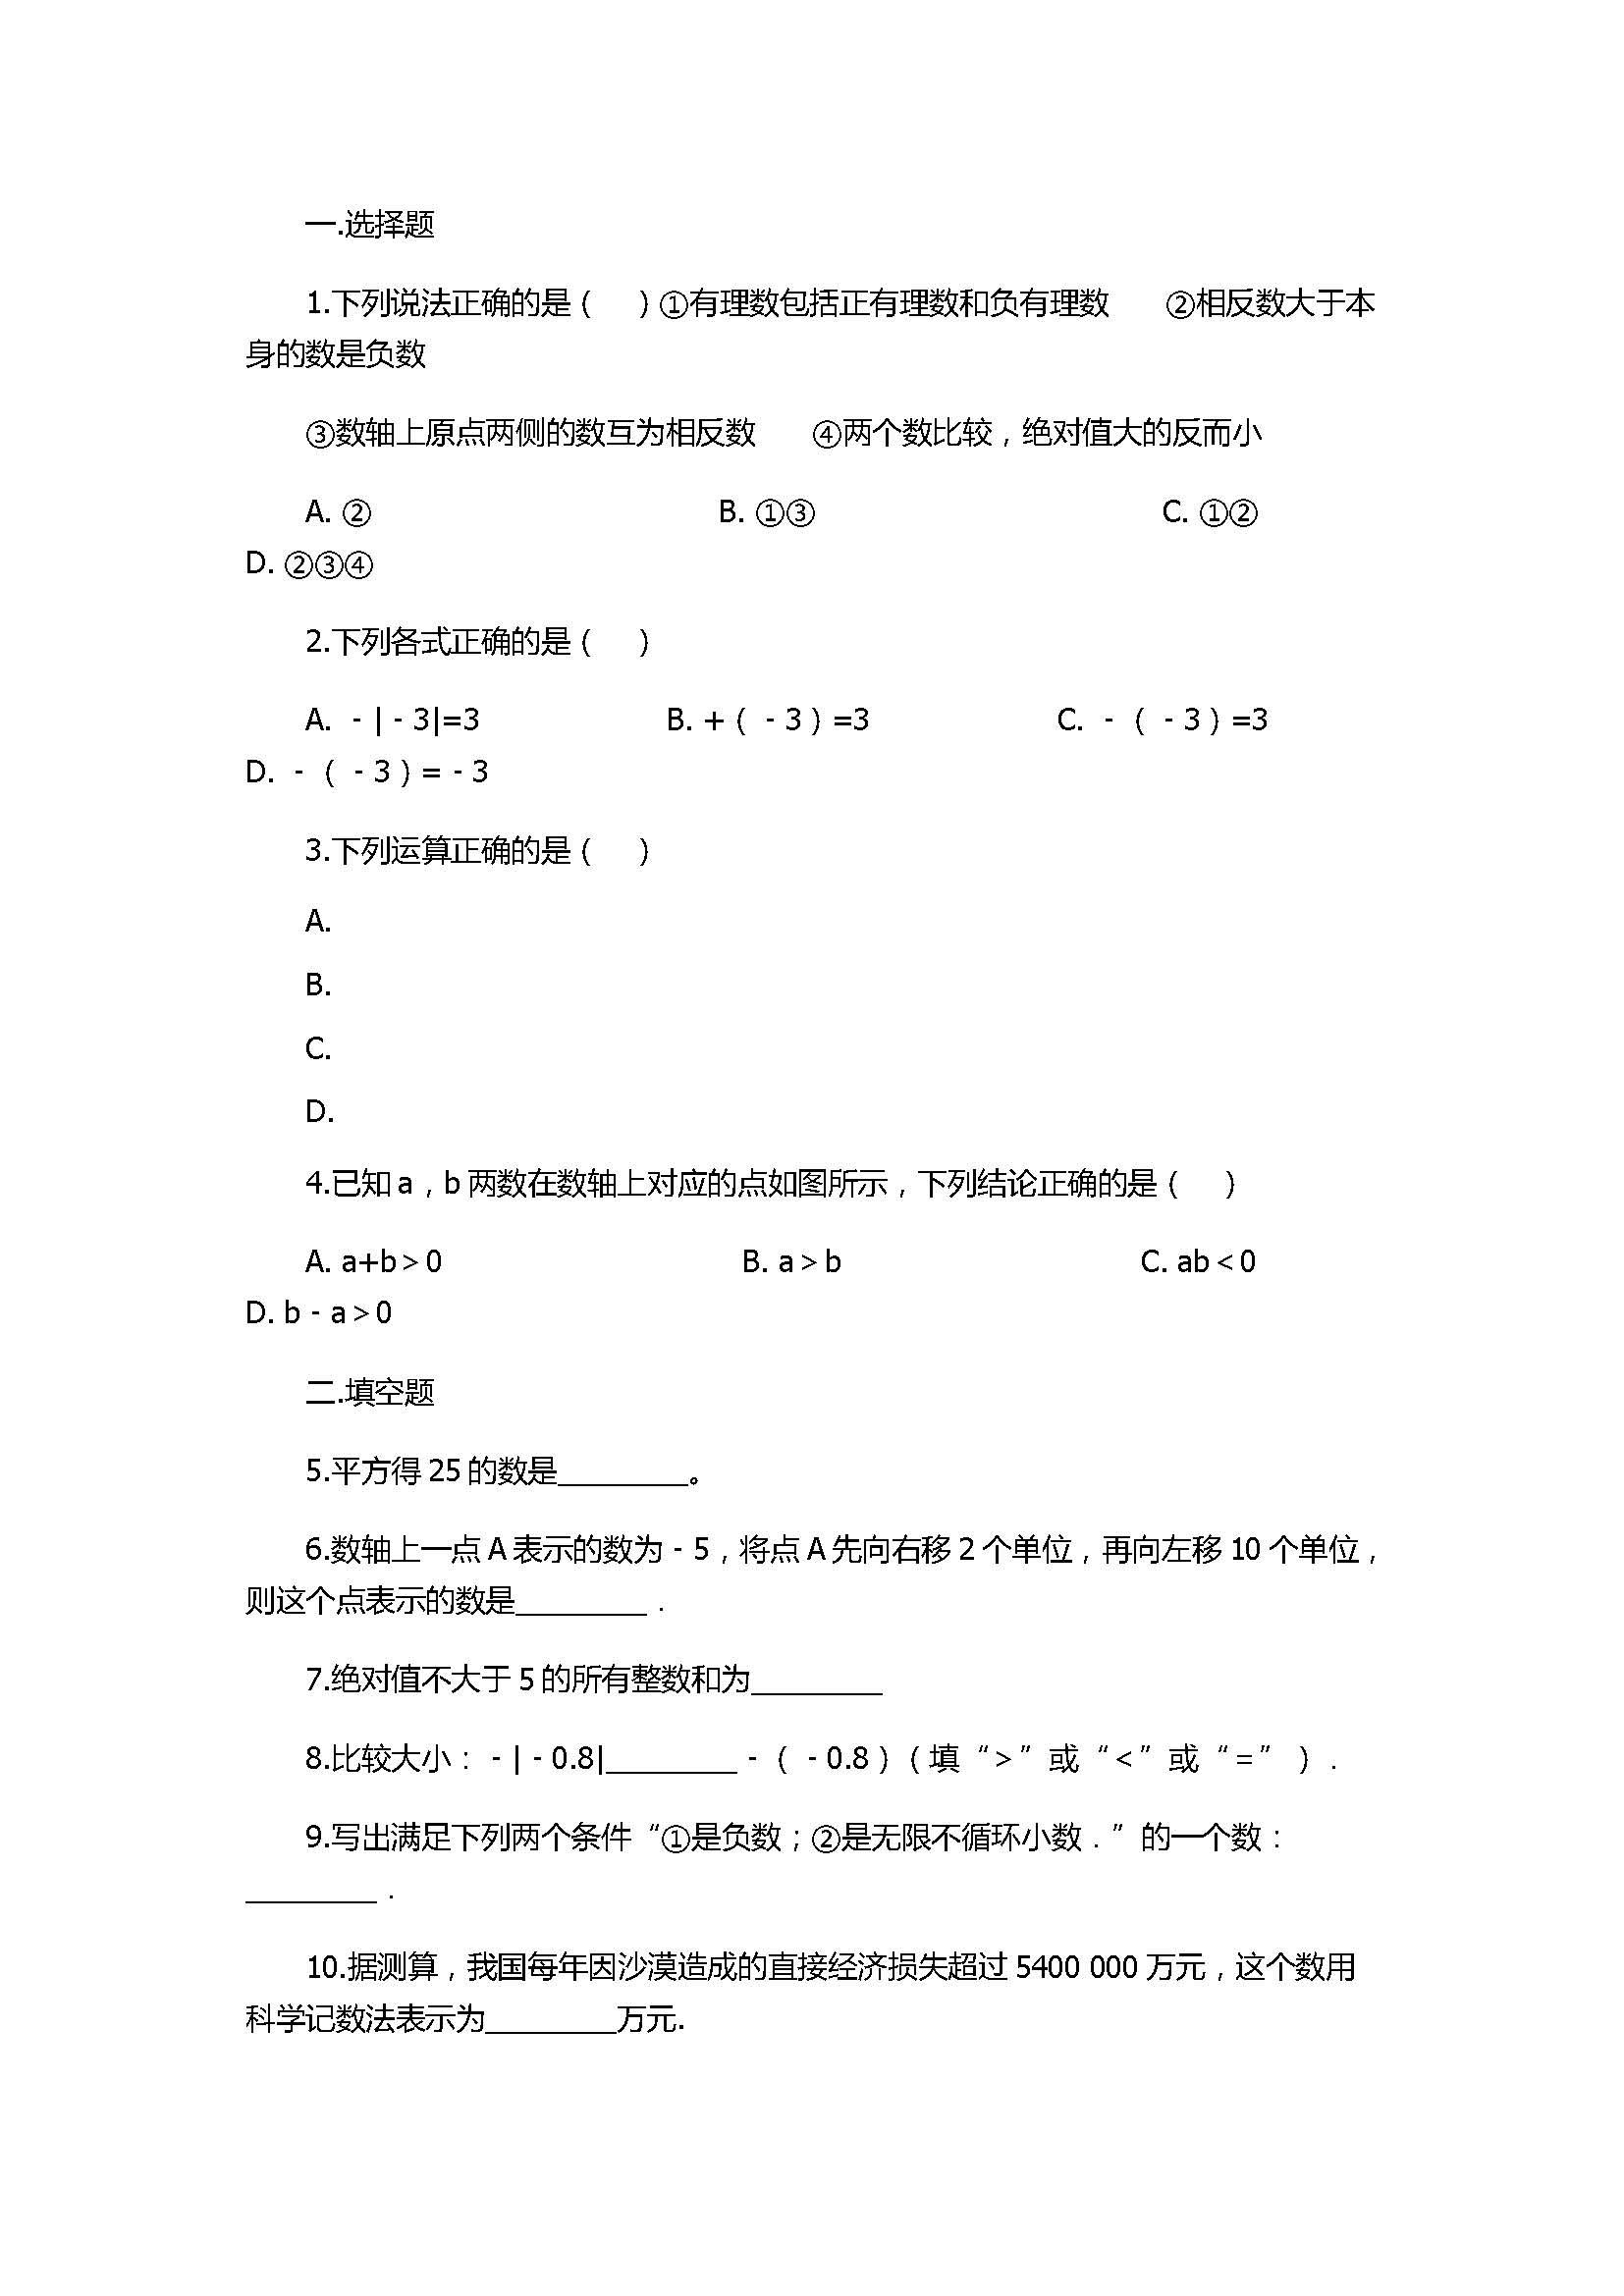 2017七年级数学上册月考检测试卷带答案和解释(江苏省东台市)